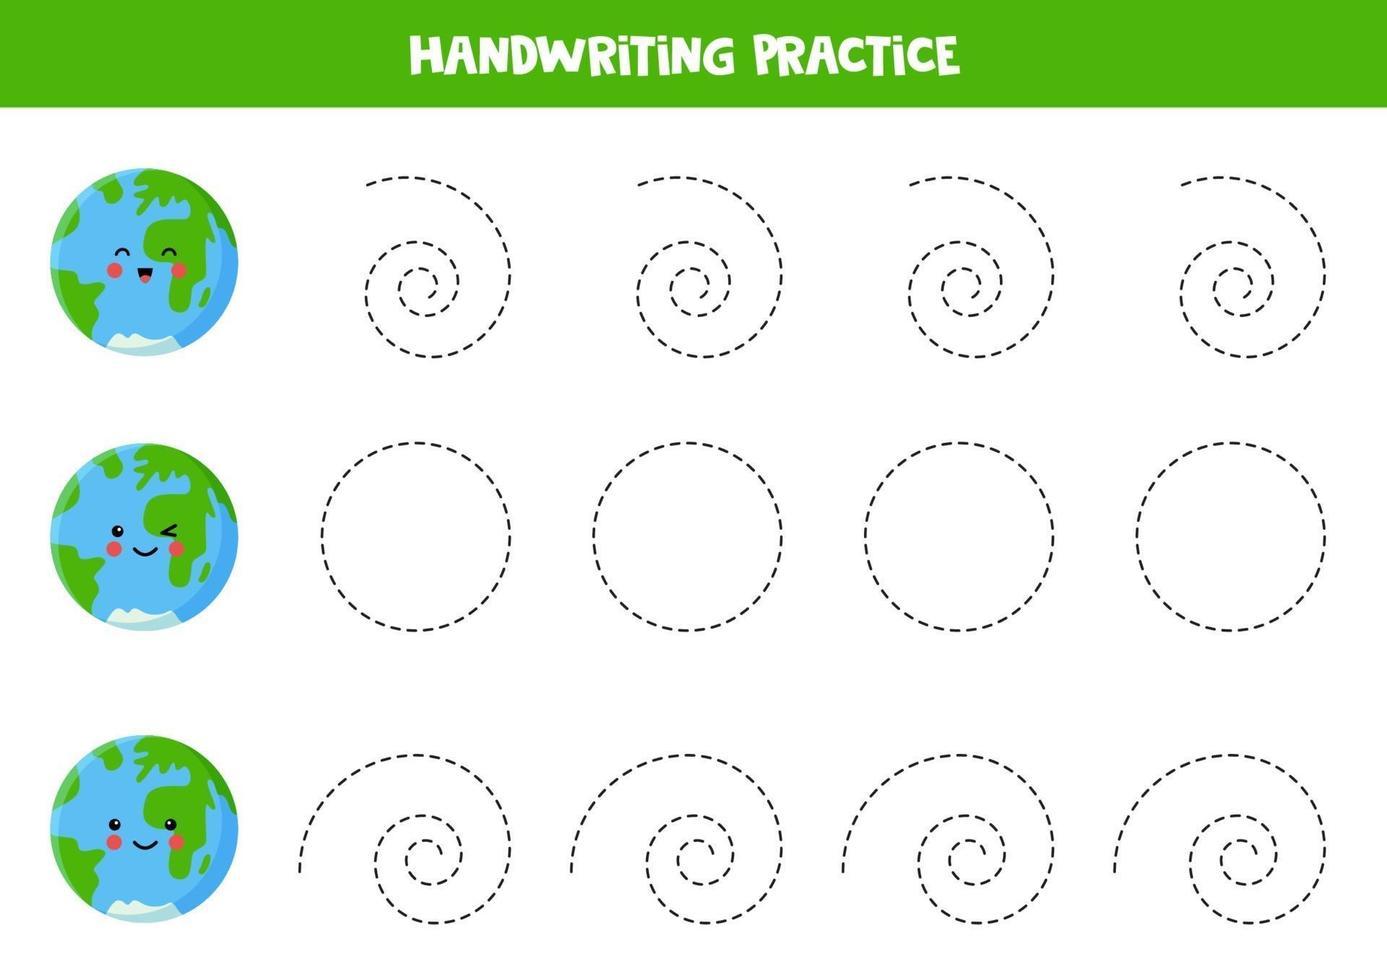 traccia le linee con la terra dei cartoni animati. pratica di abilità di scrittura. vettore